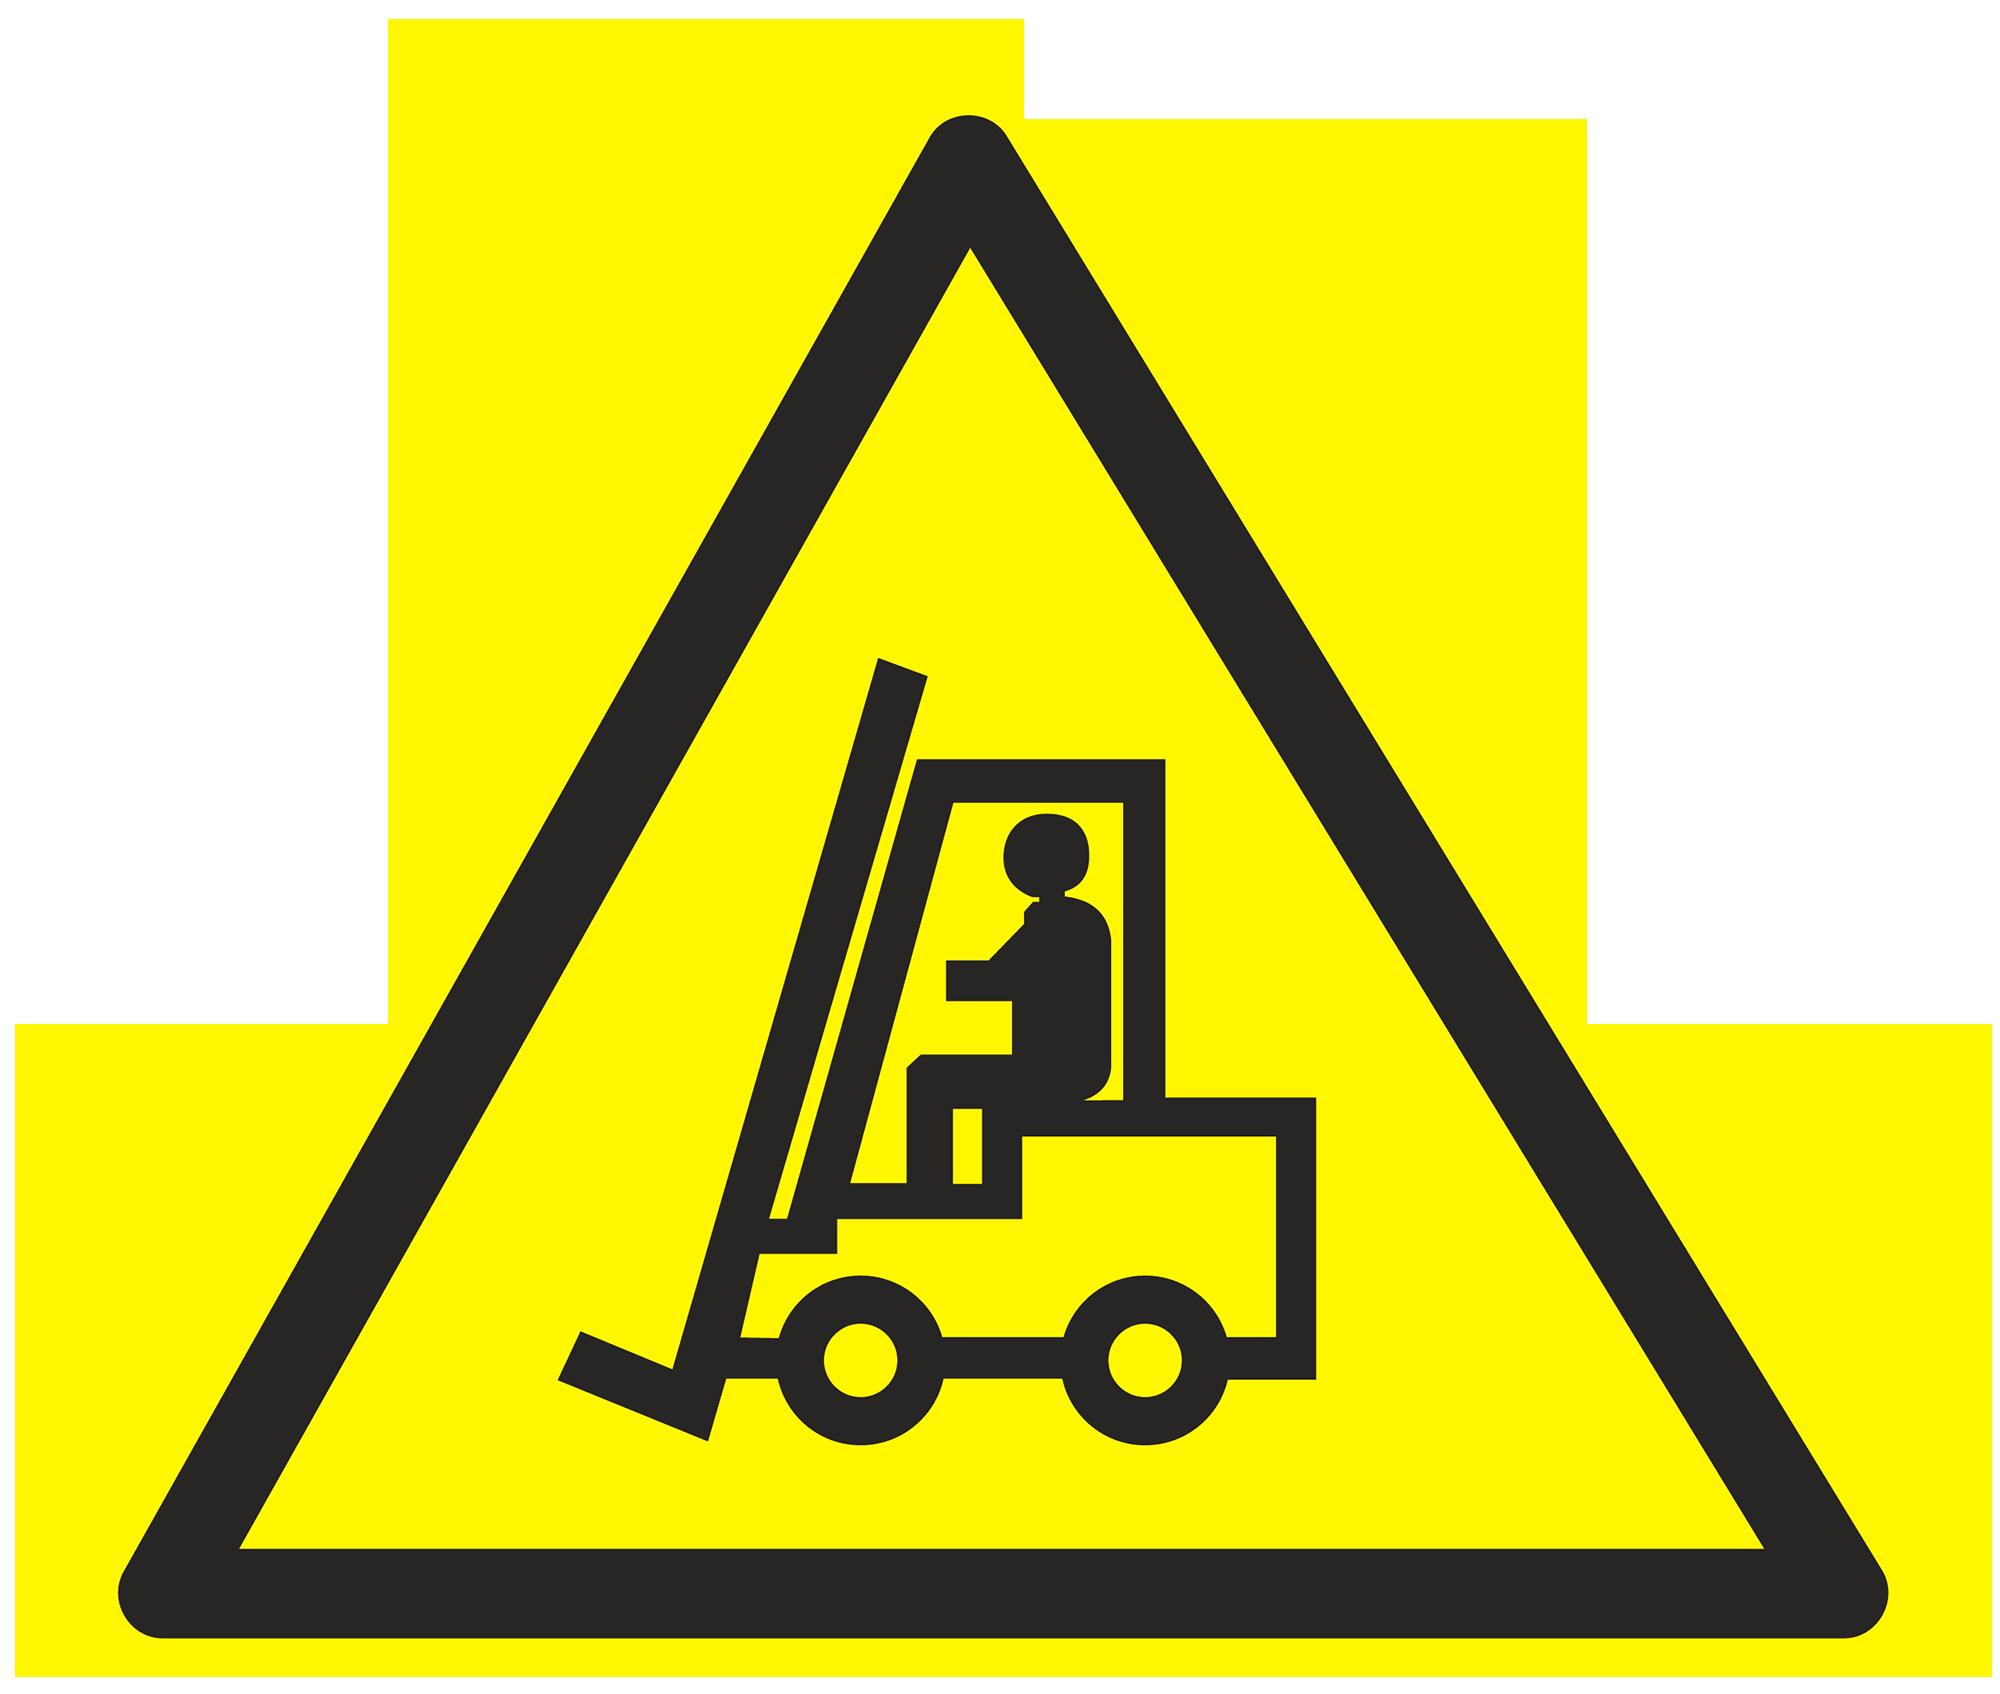 векторный знак «Внимание! Автопогрузчик»